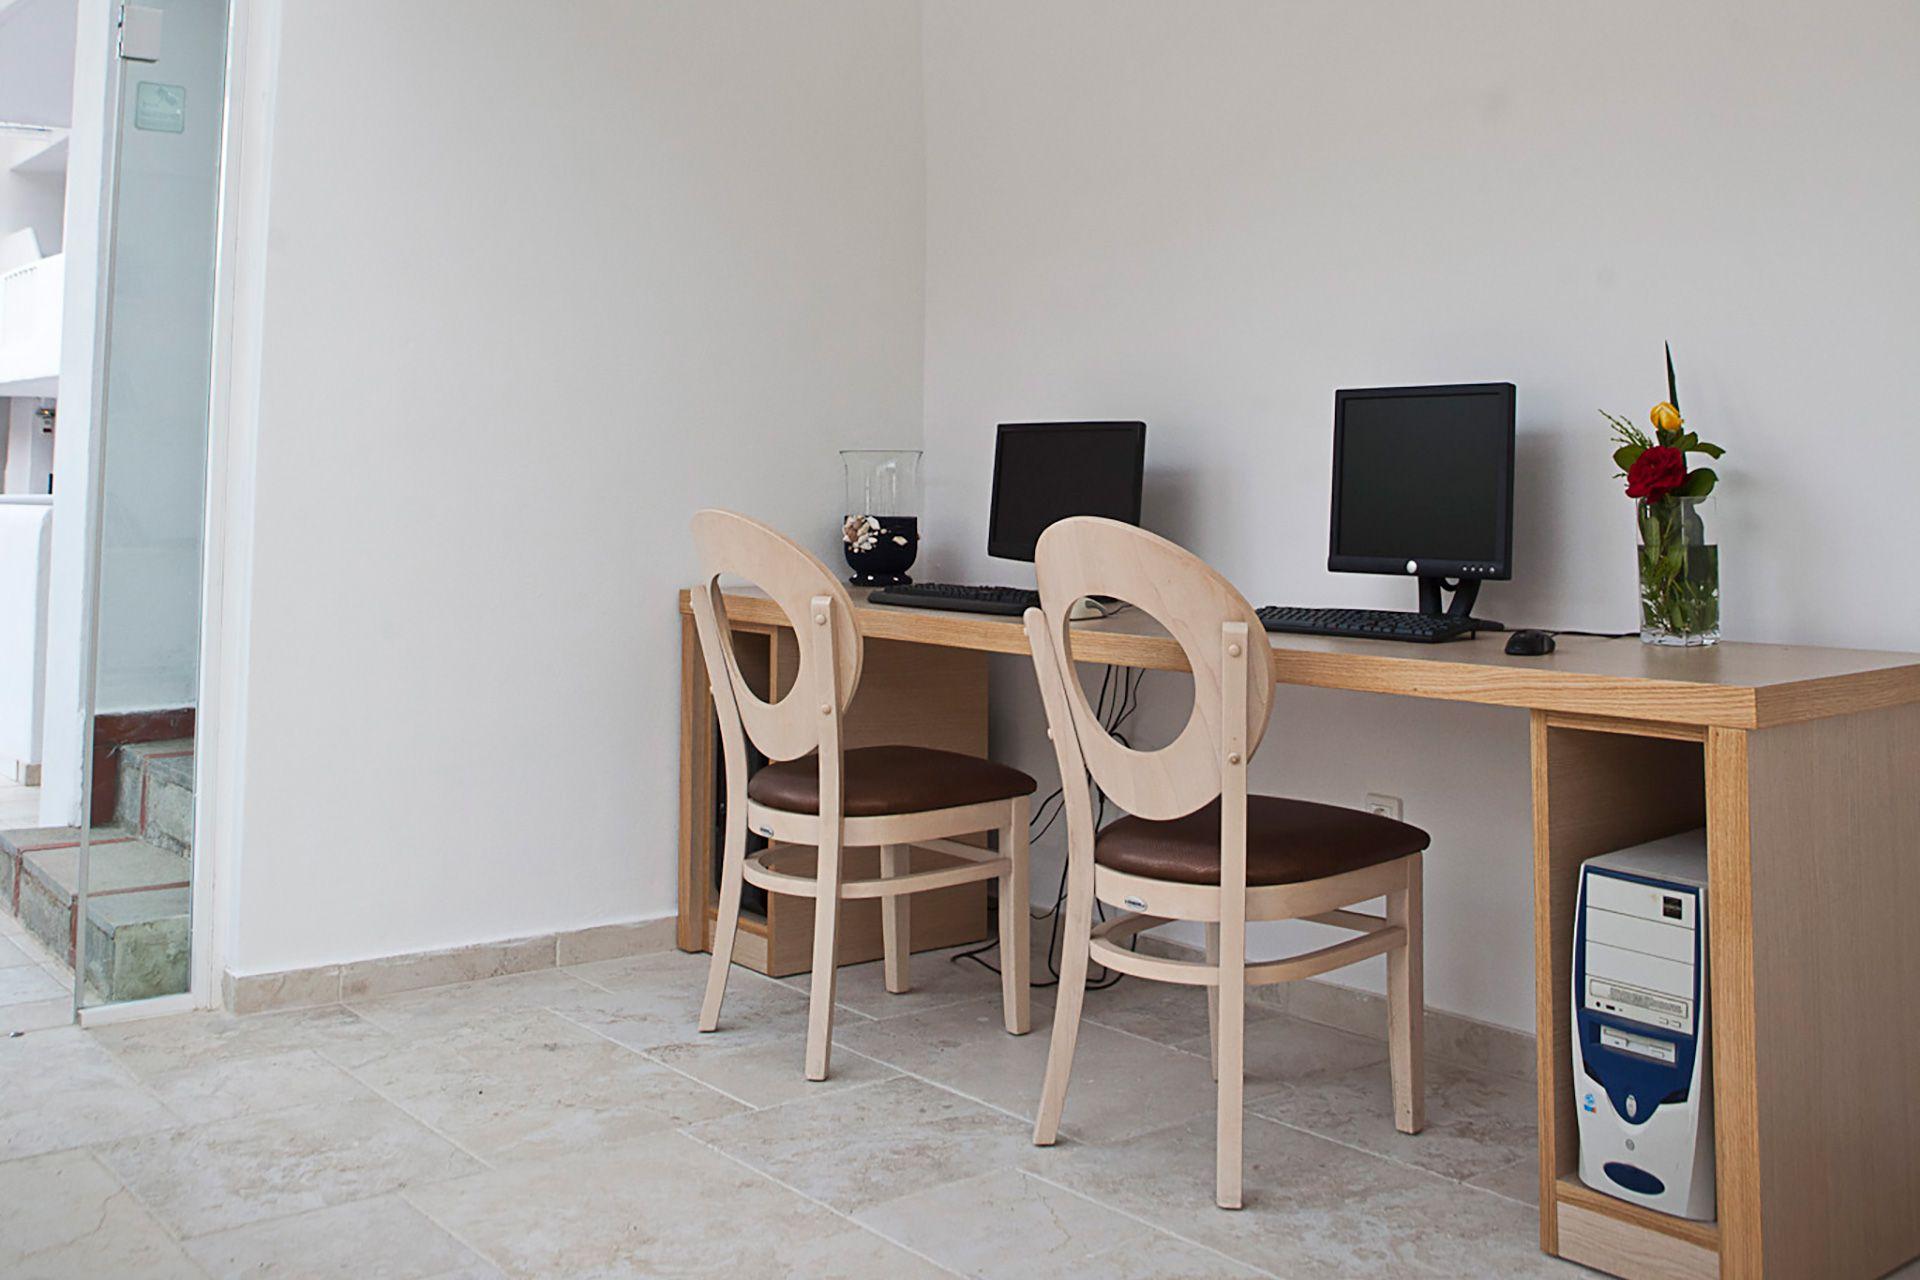 Παρέχεται δωρεάν internet σε όλα τα δωμάτια και τους κοινόχρηστους χώρους.